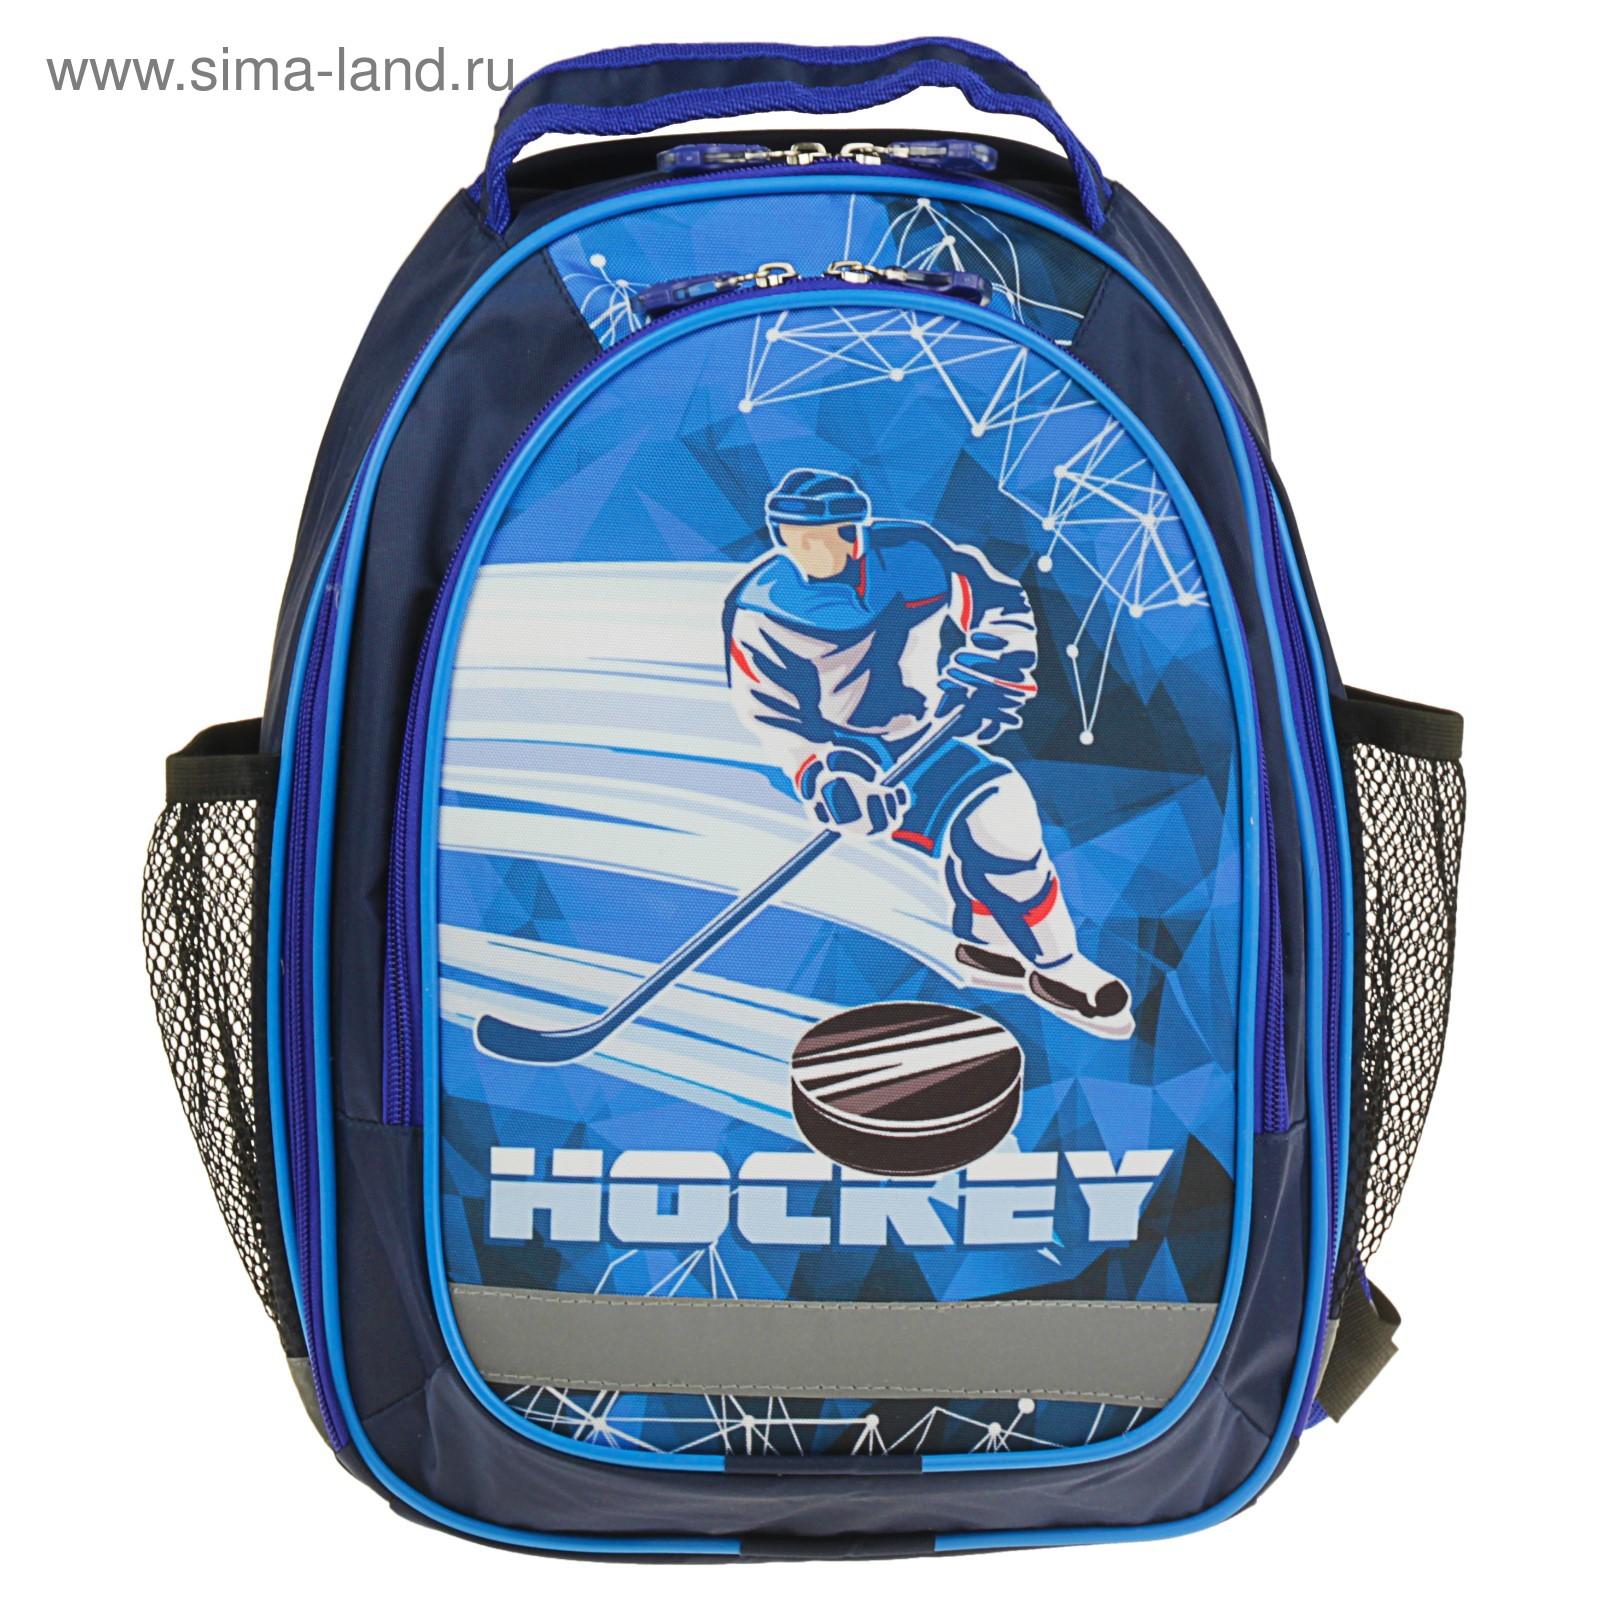 73aba00bc0d3 Рюкзак школьный с эргономической спинкой Luris Бонус 37x27x16 см для  мальчика, «Хоккей»